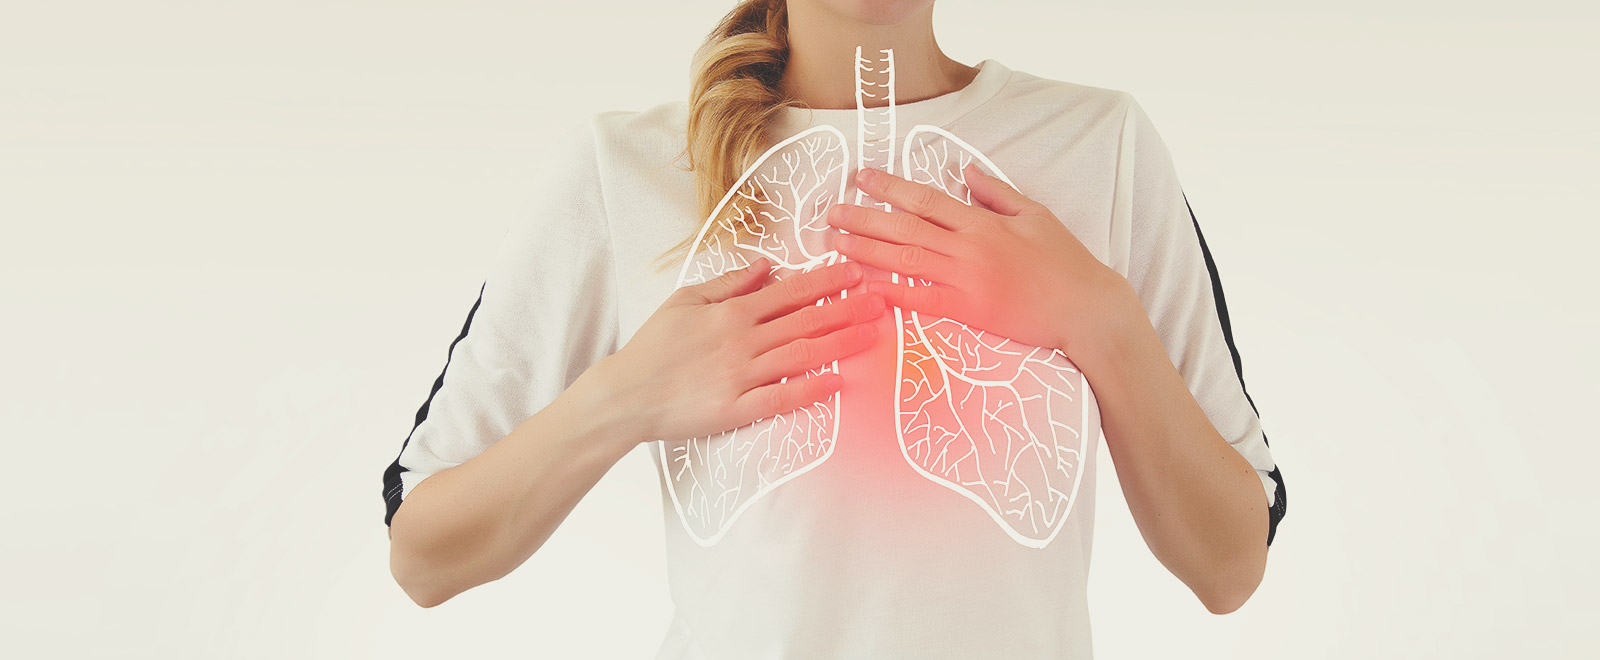 Cannabinoides: ¿protegen contra los agentes cancerígenos?